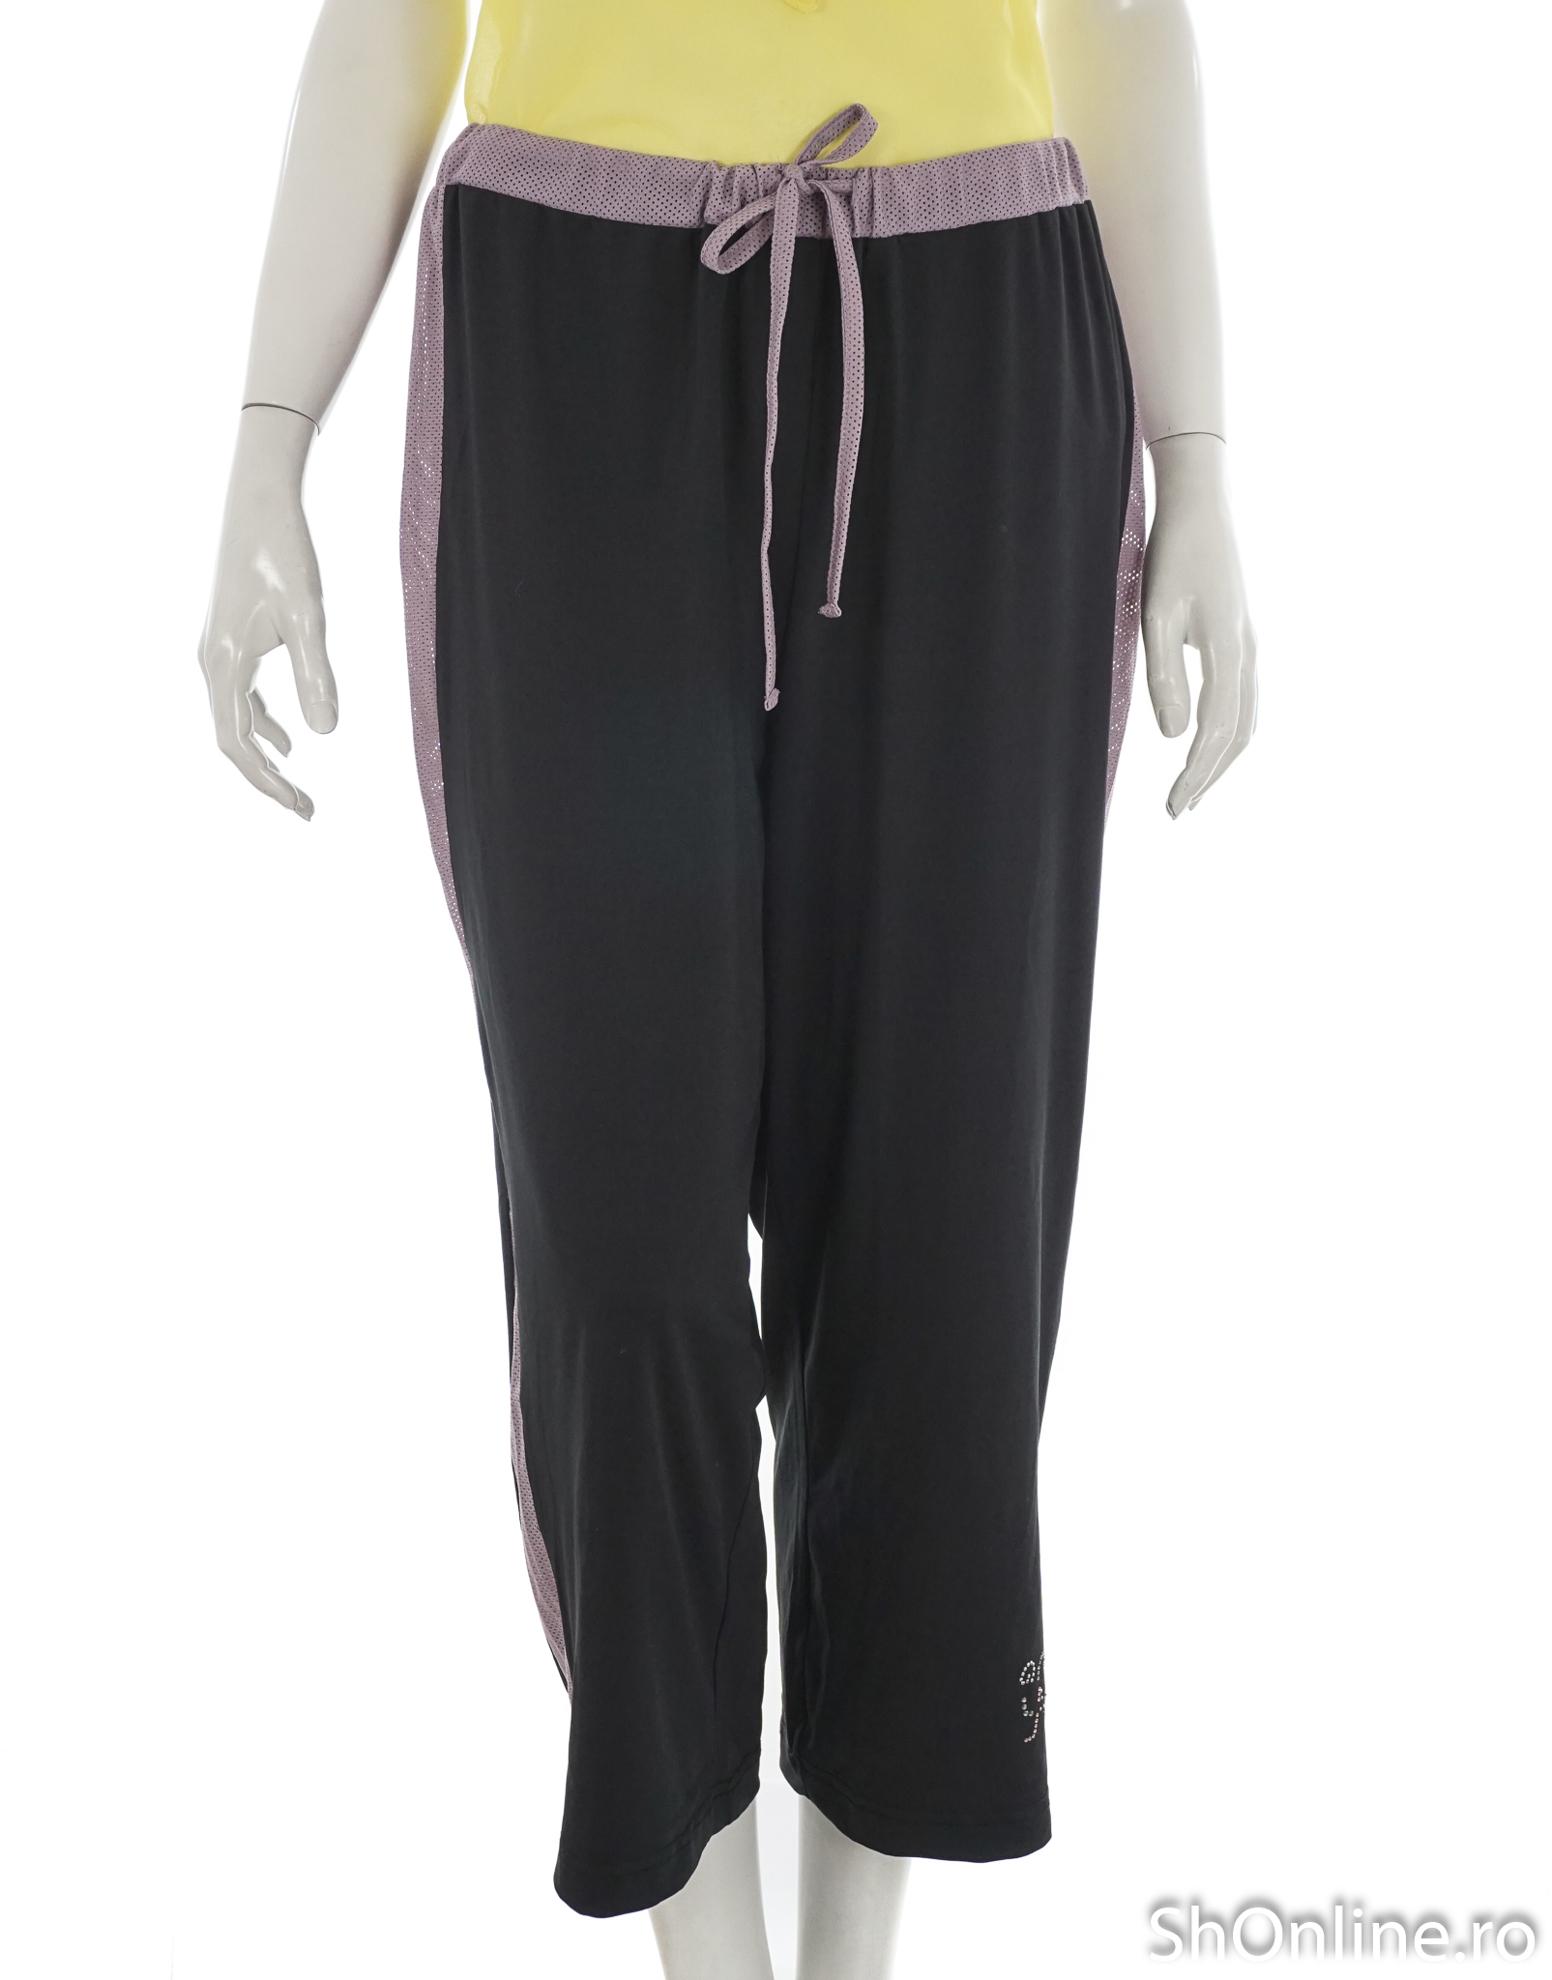 Imagine Bermude damă Sportswear mărimea 44